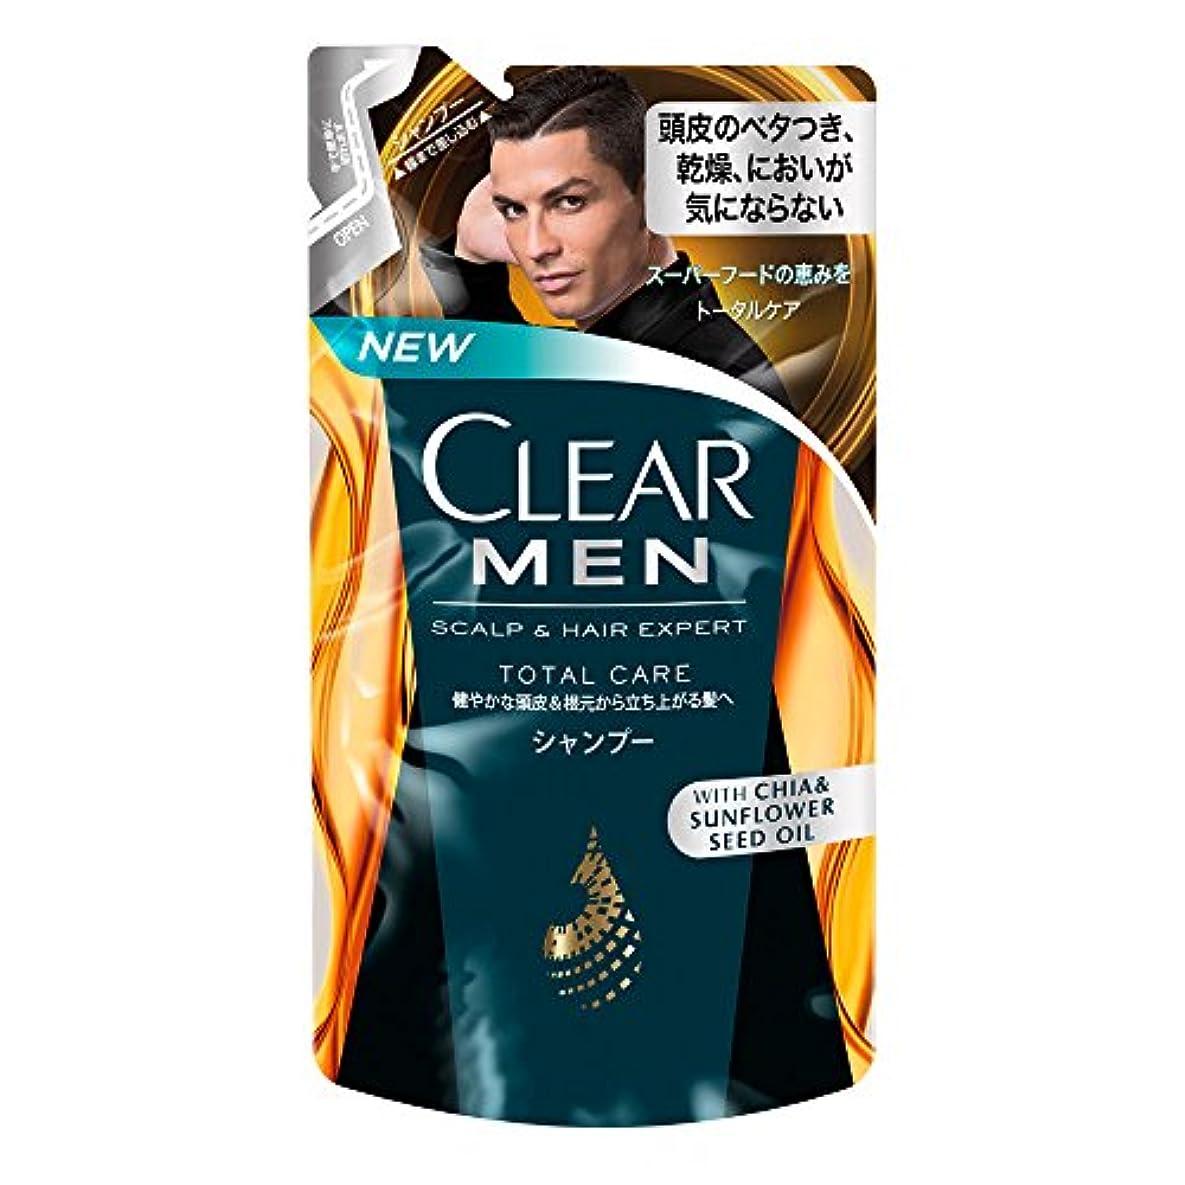 クリア フォーメン トータルケア 男性用シャンプー つめかえ用 (健やかな頭皮へ) 280g